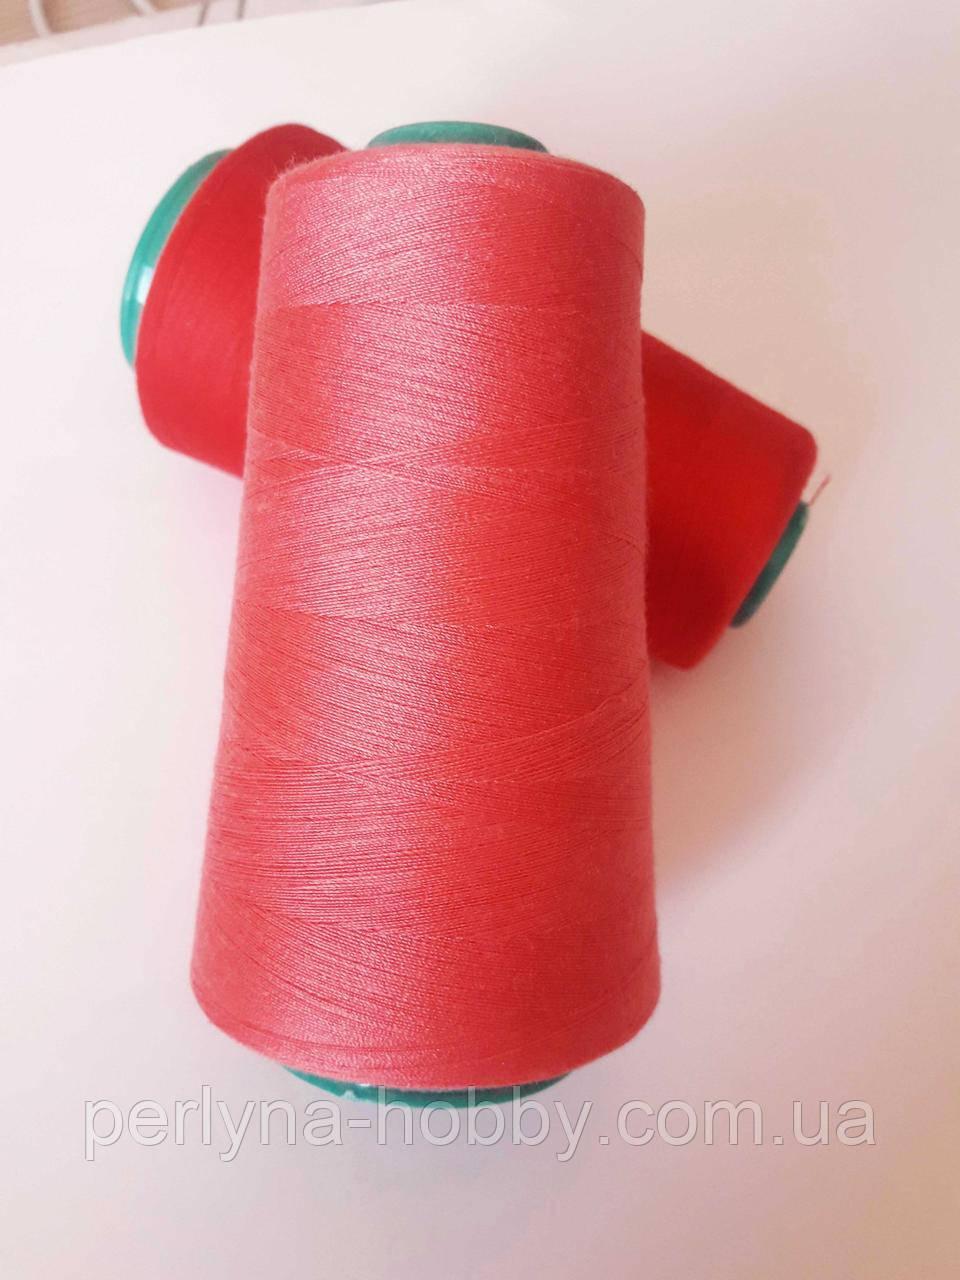 Нитки для шиття 40\2 , 5000 ярдів (4500 м) поліестер 100% , рожева темна, лососева 725